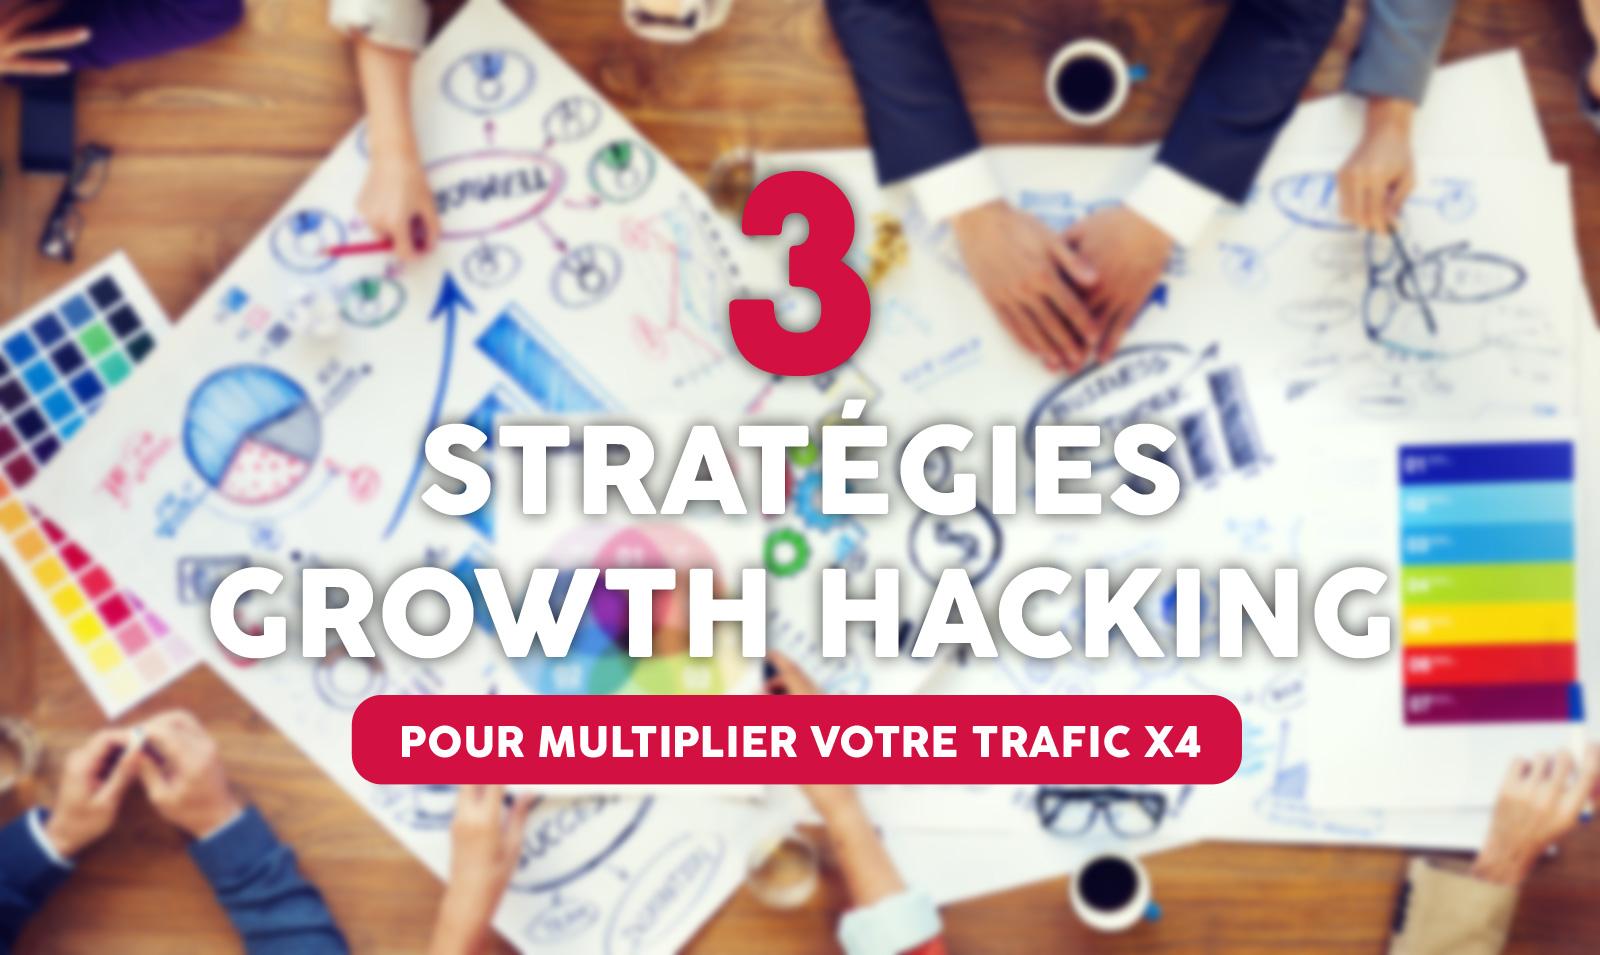 Growth Hacking : 3 stratégies pour multiplier le trafic de son blog par 4 sans référencement